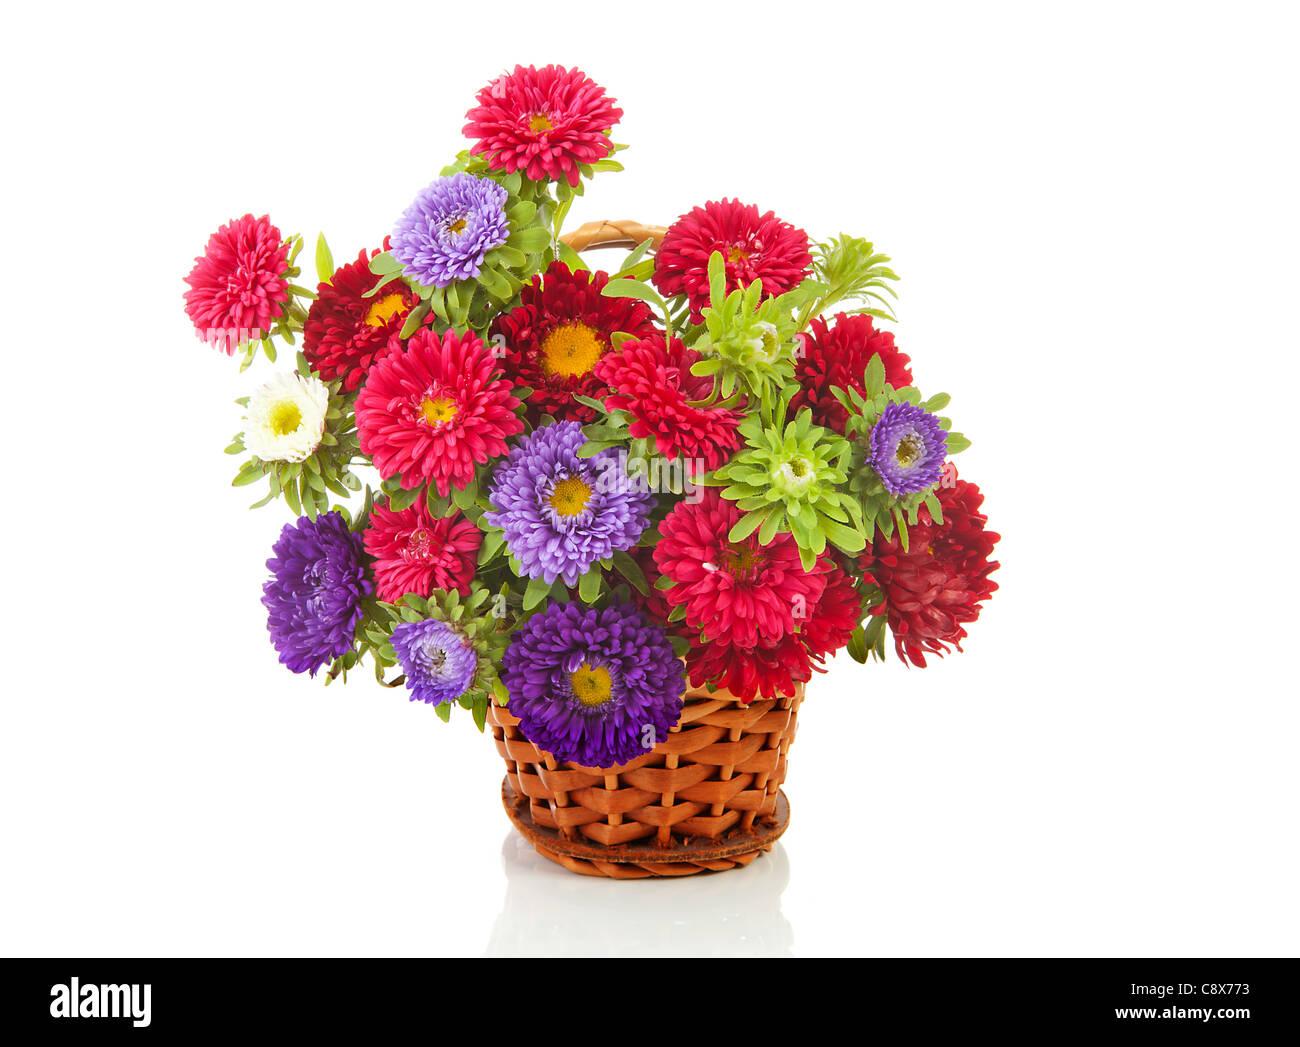 Blumenstrauß Bunte Astern In Zuckerrohr Korb Auf Weißem